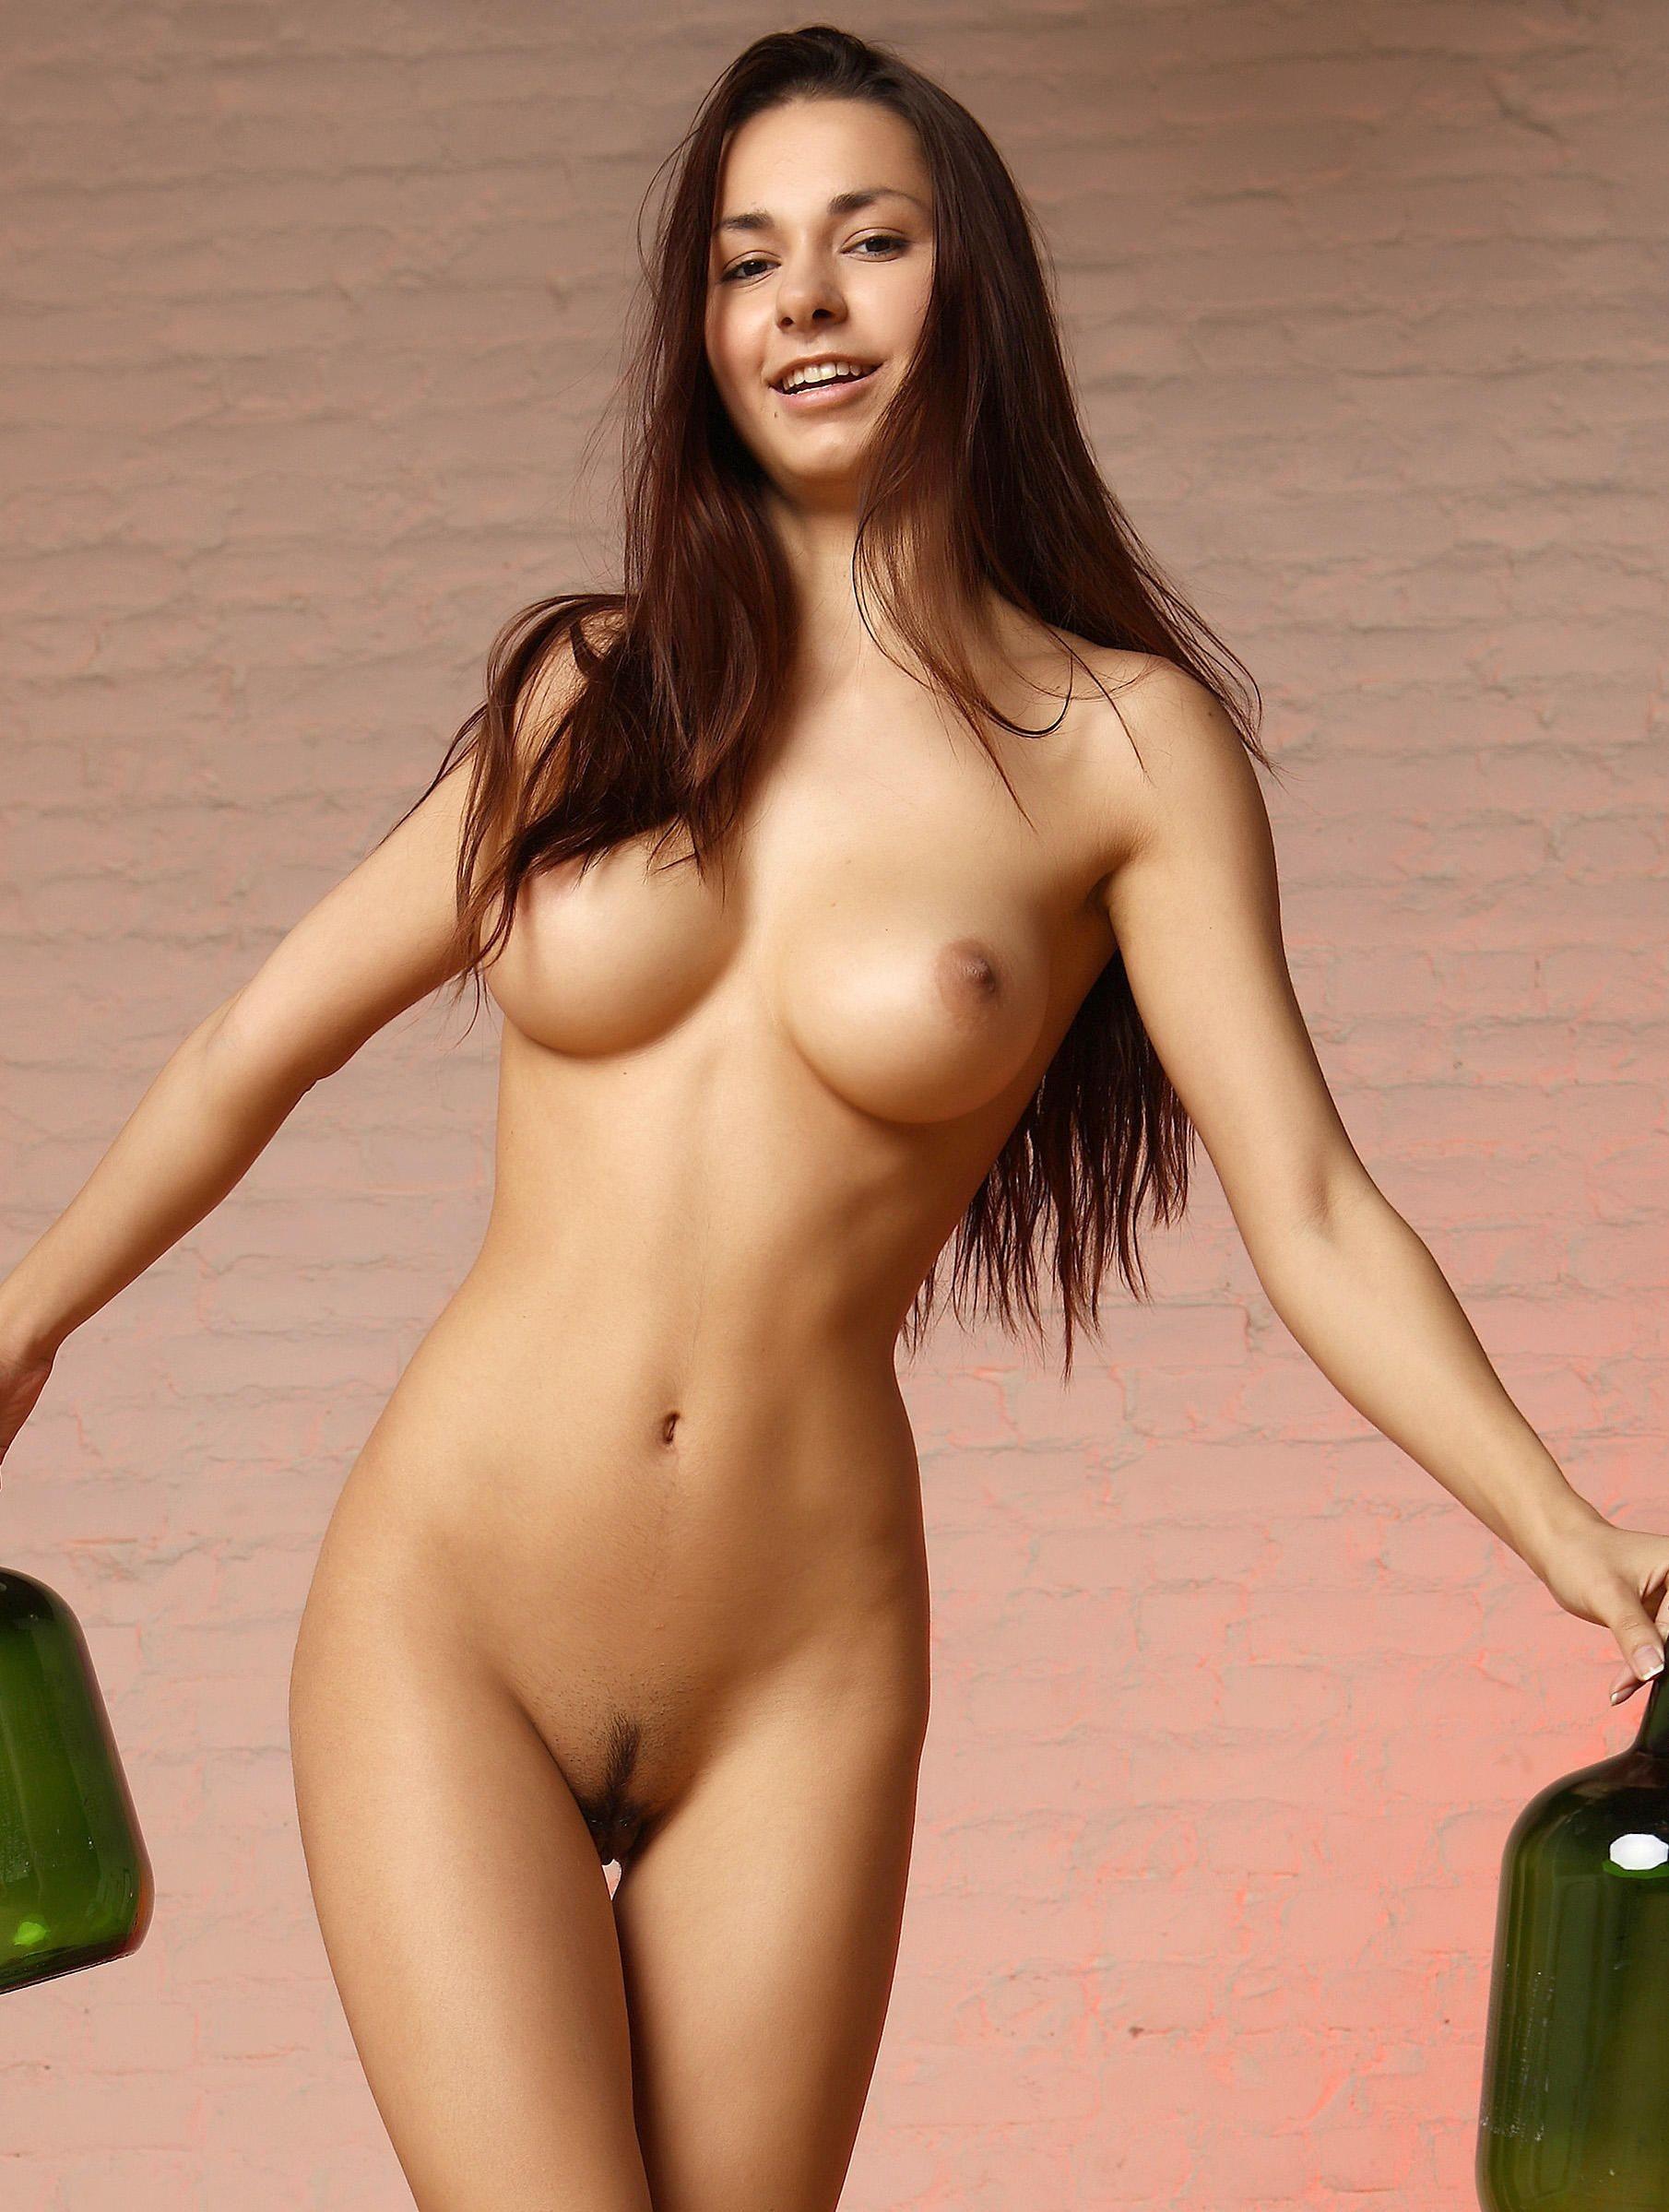 Helga Lovekaty nude full frontal photo shoot the fappening